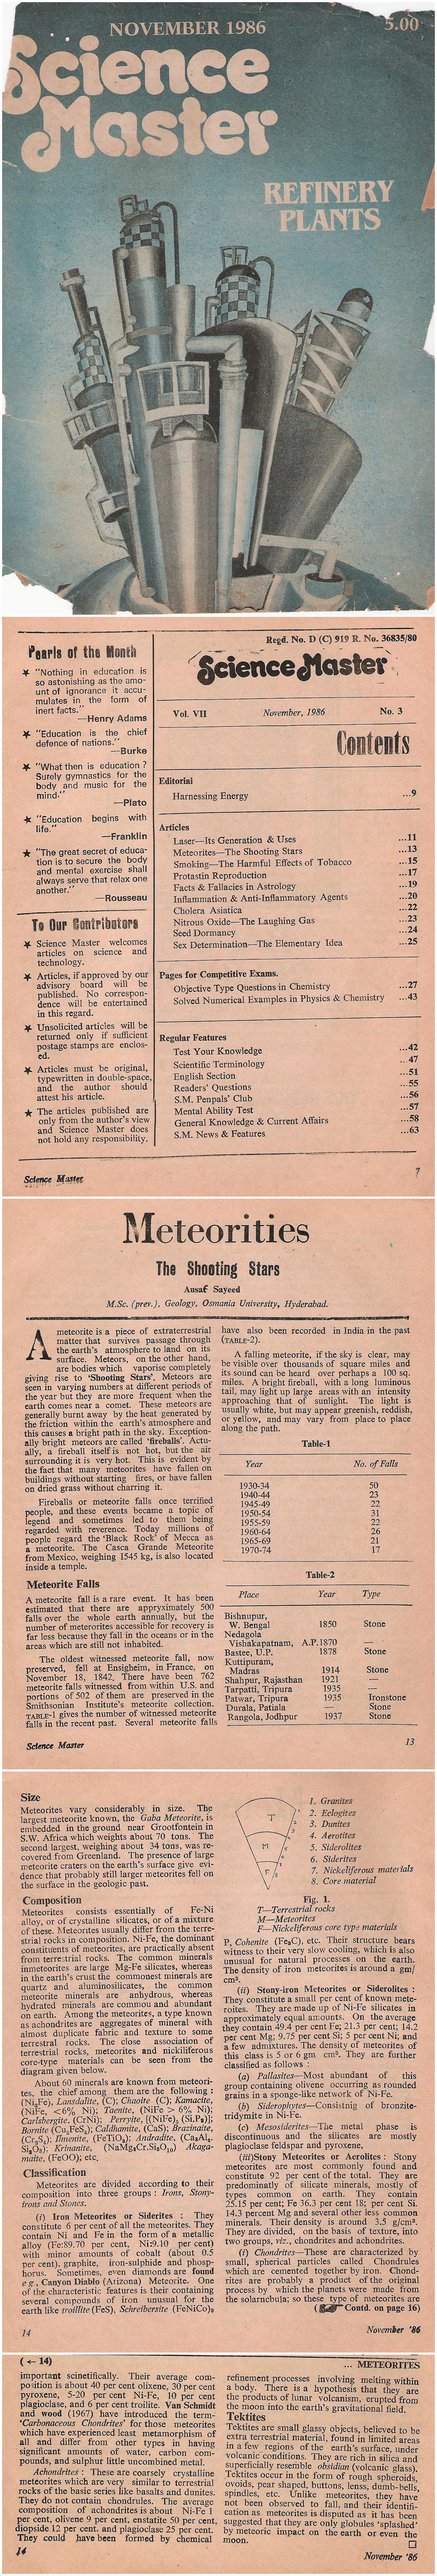 Meteorites - Science Master